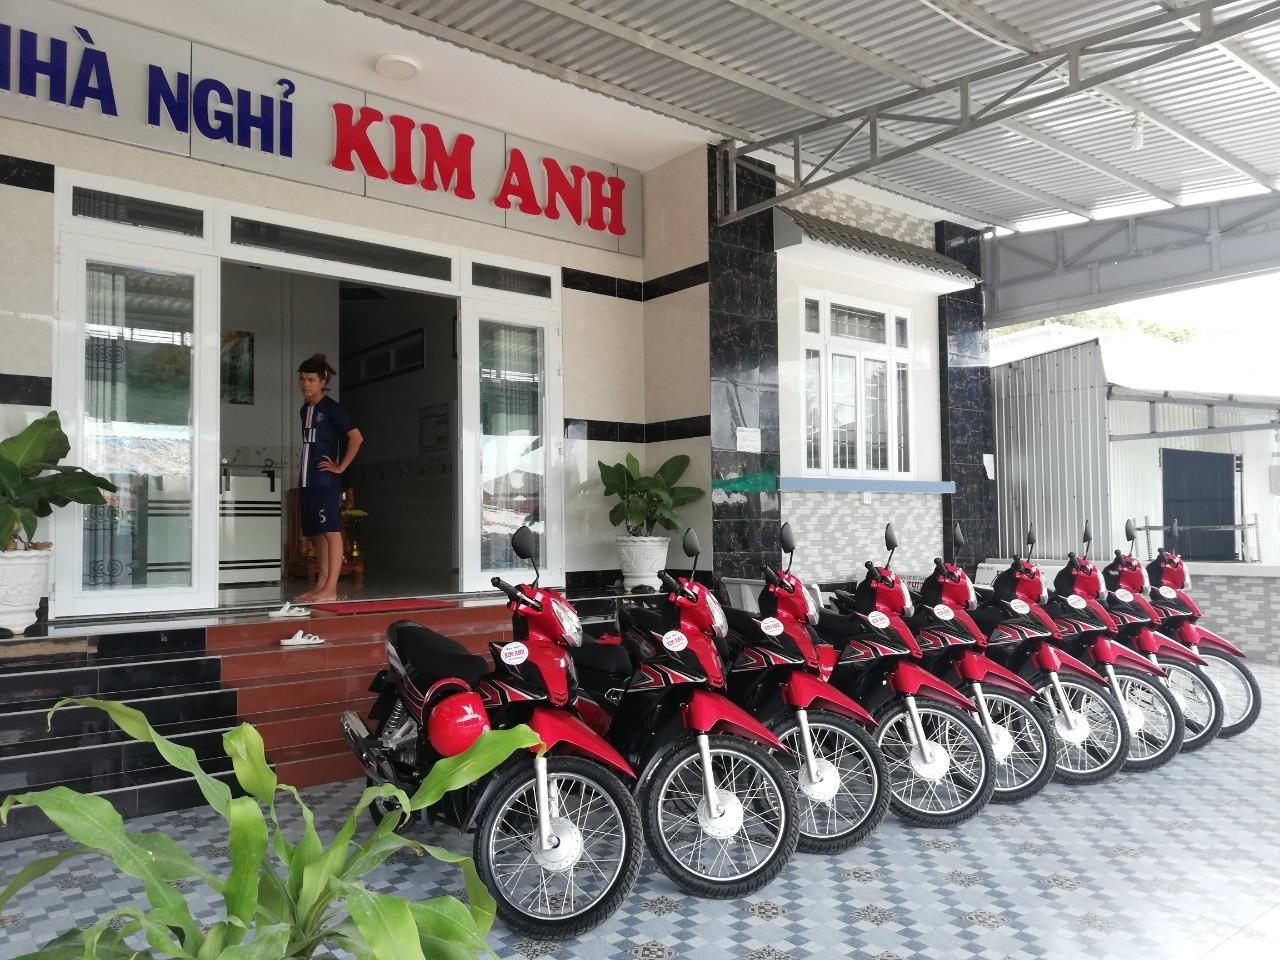 """Phải lòng nhà nghỉ Kim Anh siêu """"hạt dẻ"""" tại Hòn Sơn – Kiên Giang"""